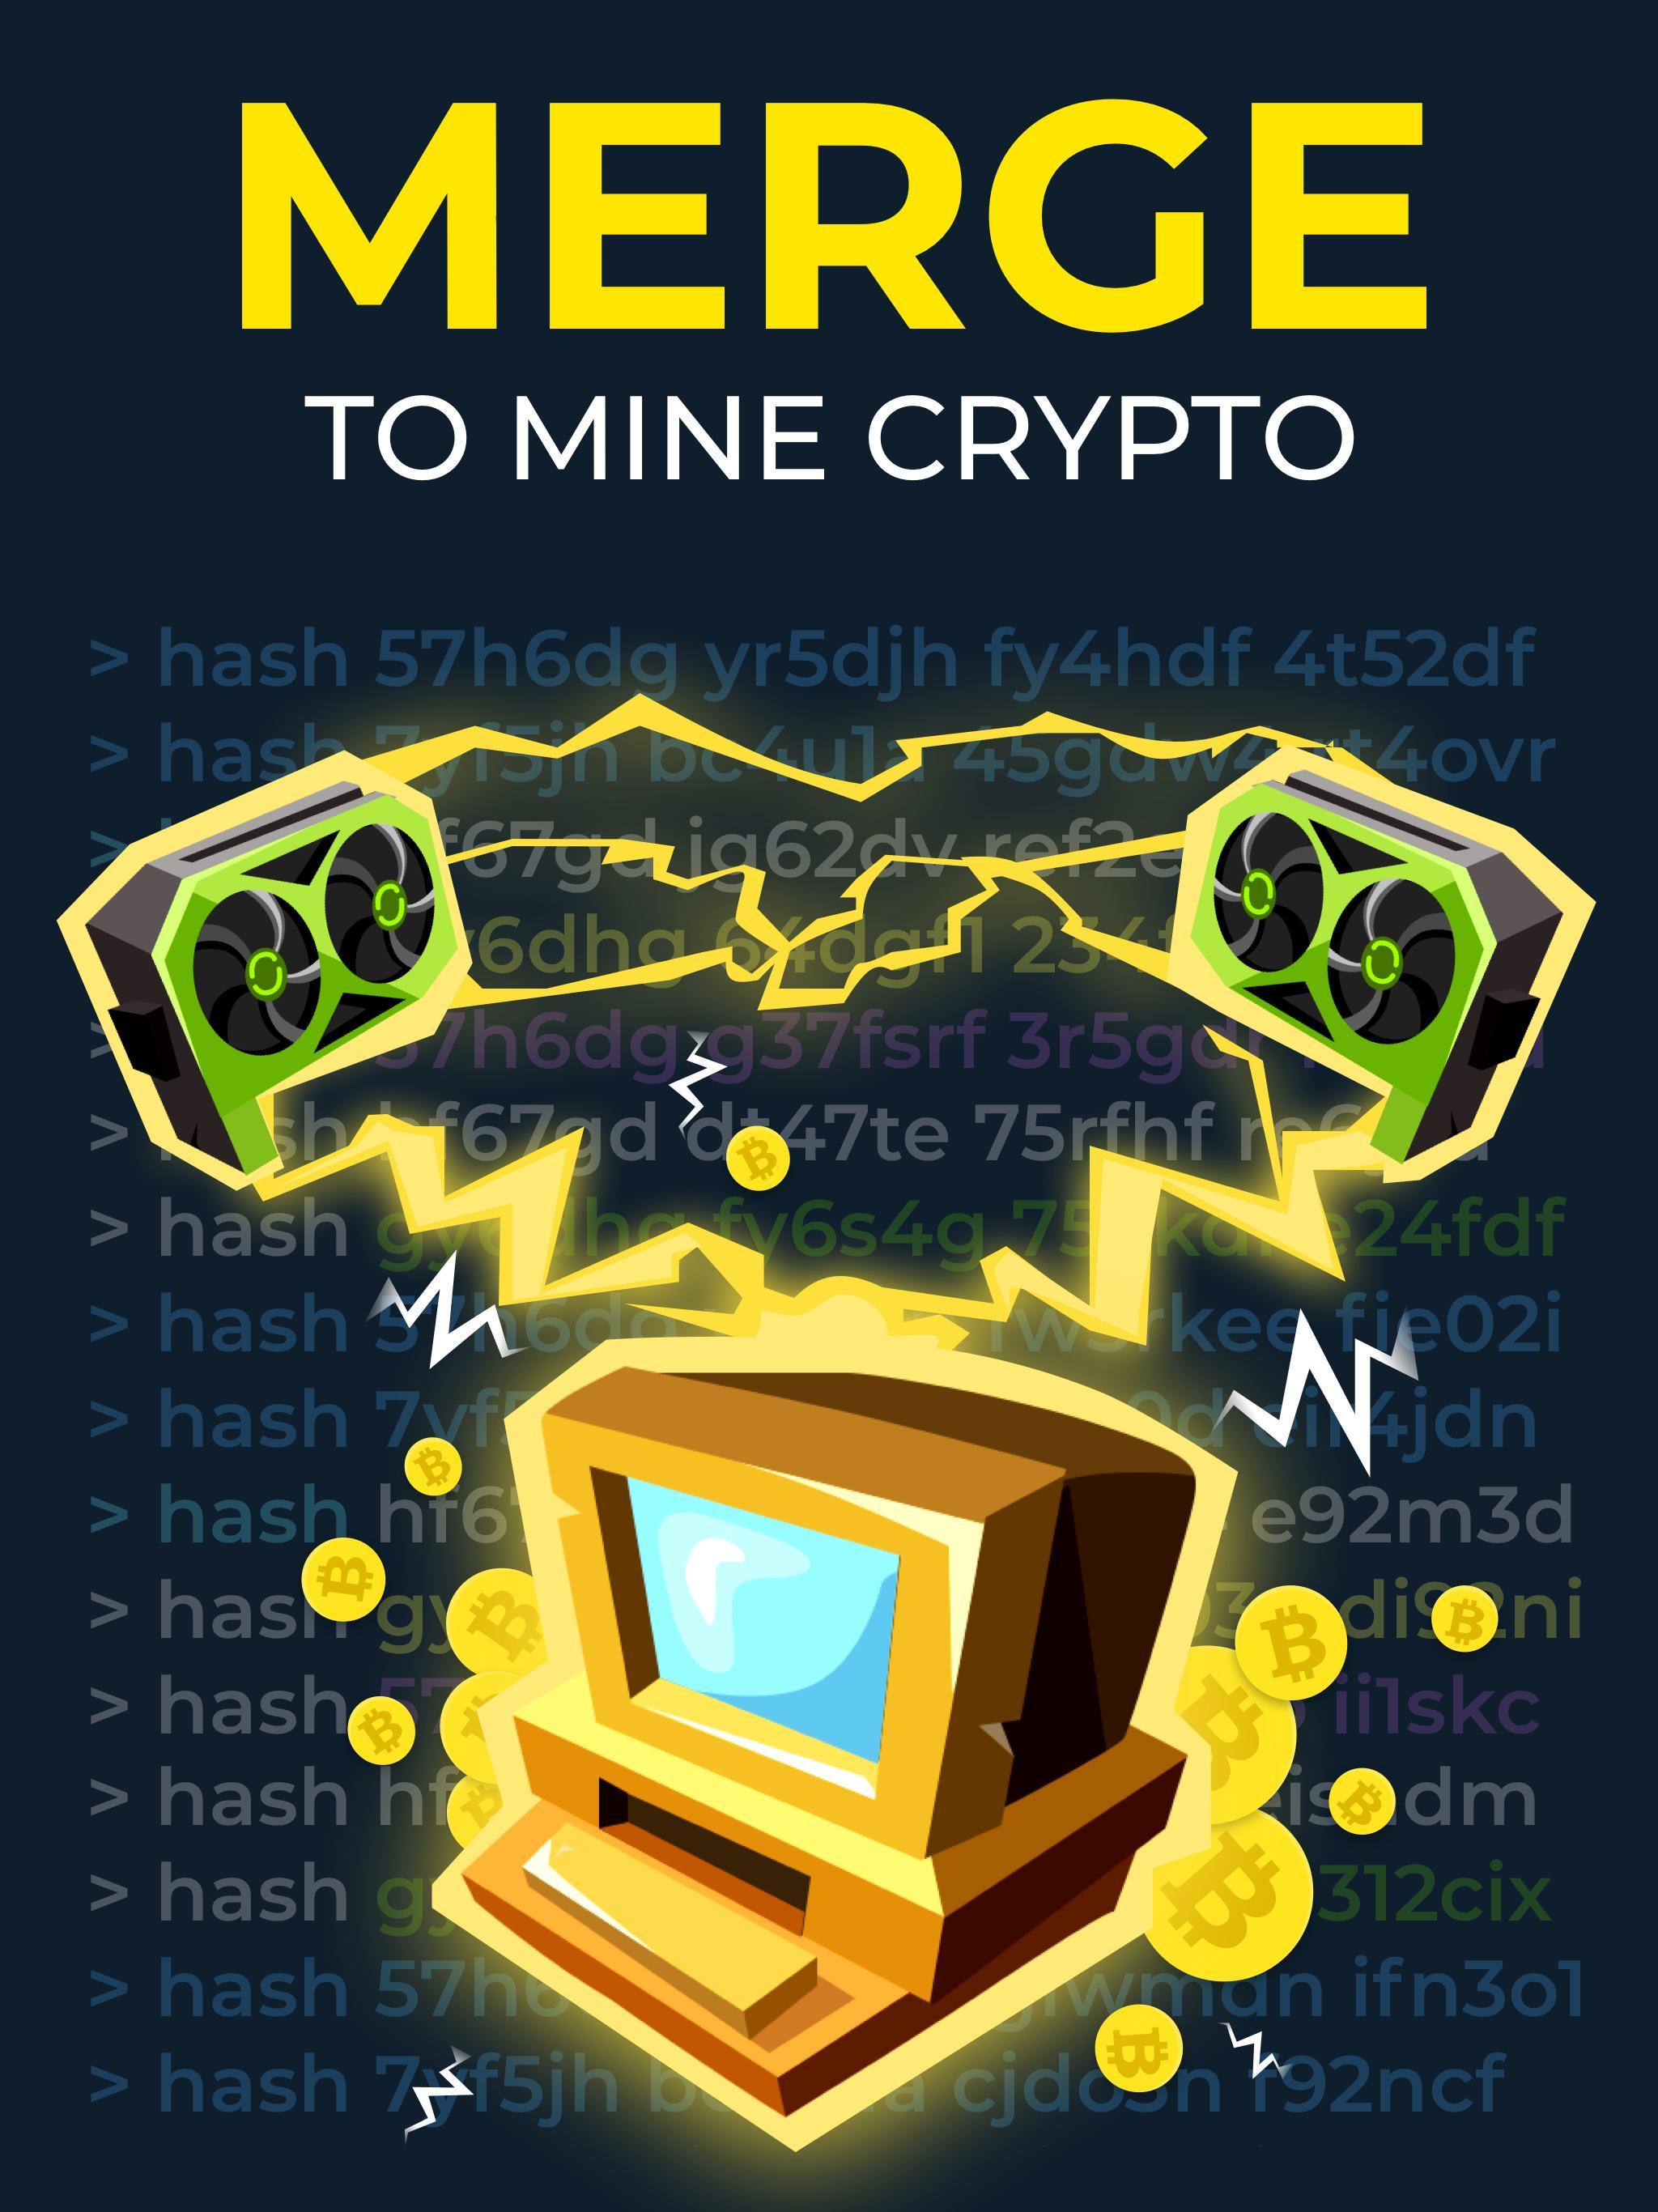 ビットコイン(Bitcoin)のマイニングソフトのおすすめとやり方を解説   サラリーマン 投資の教科書